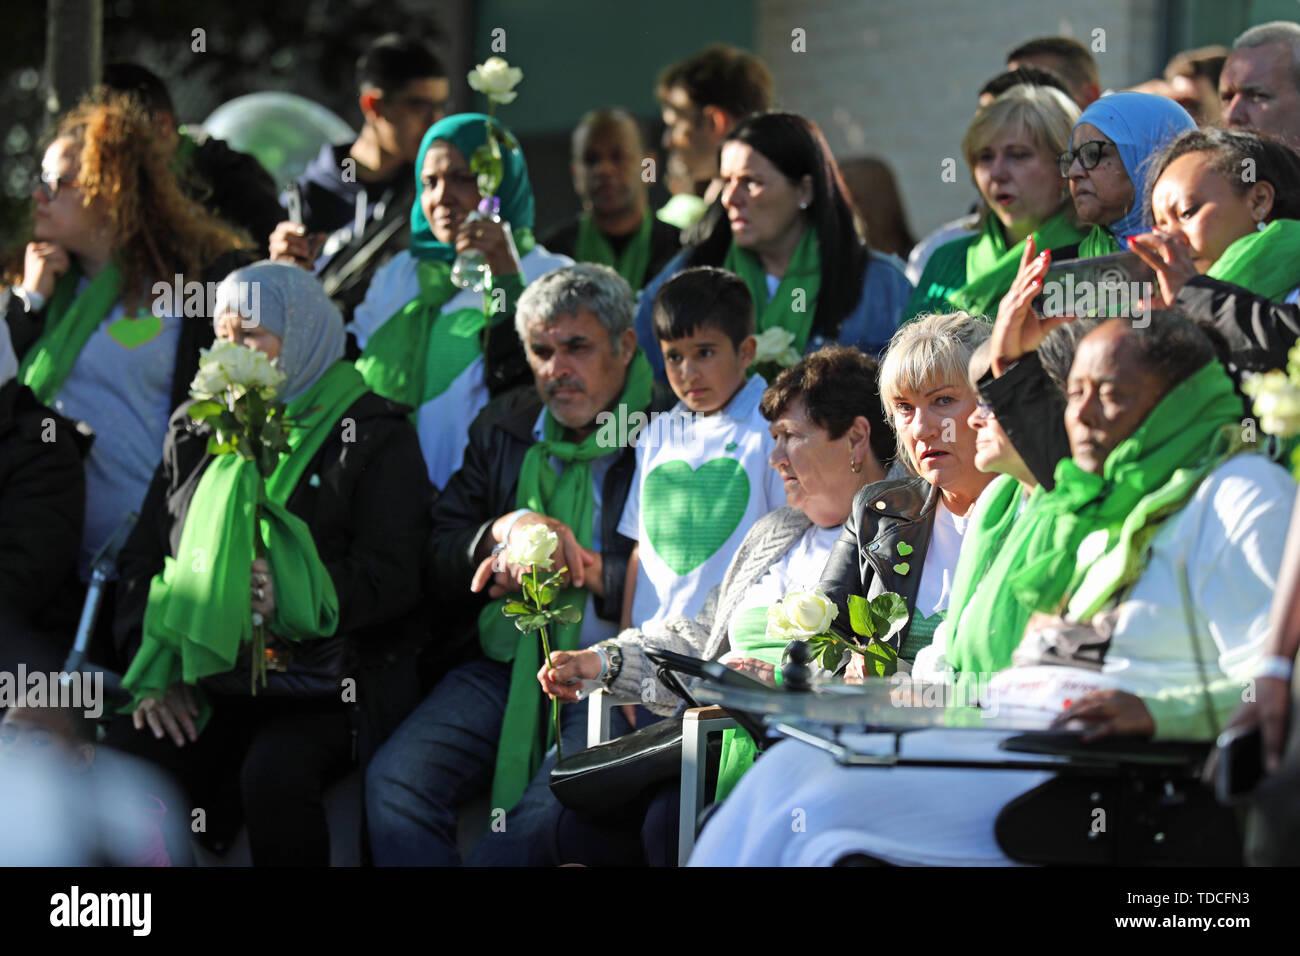 Familie und Freunde der 72 Menschen, die ihr Leben in der Grenfell Tower Block während einer Kranzniederlegung Zeremonie ausserhalb Grenfell Tower, London, anlässlich des 2-jährigen Bestehens verloren. Stockbild